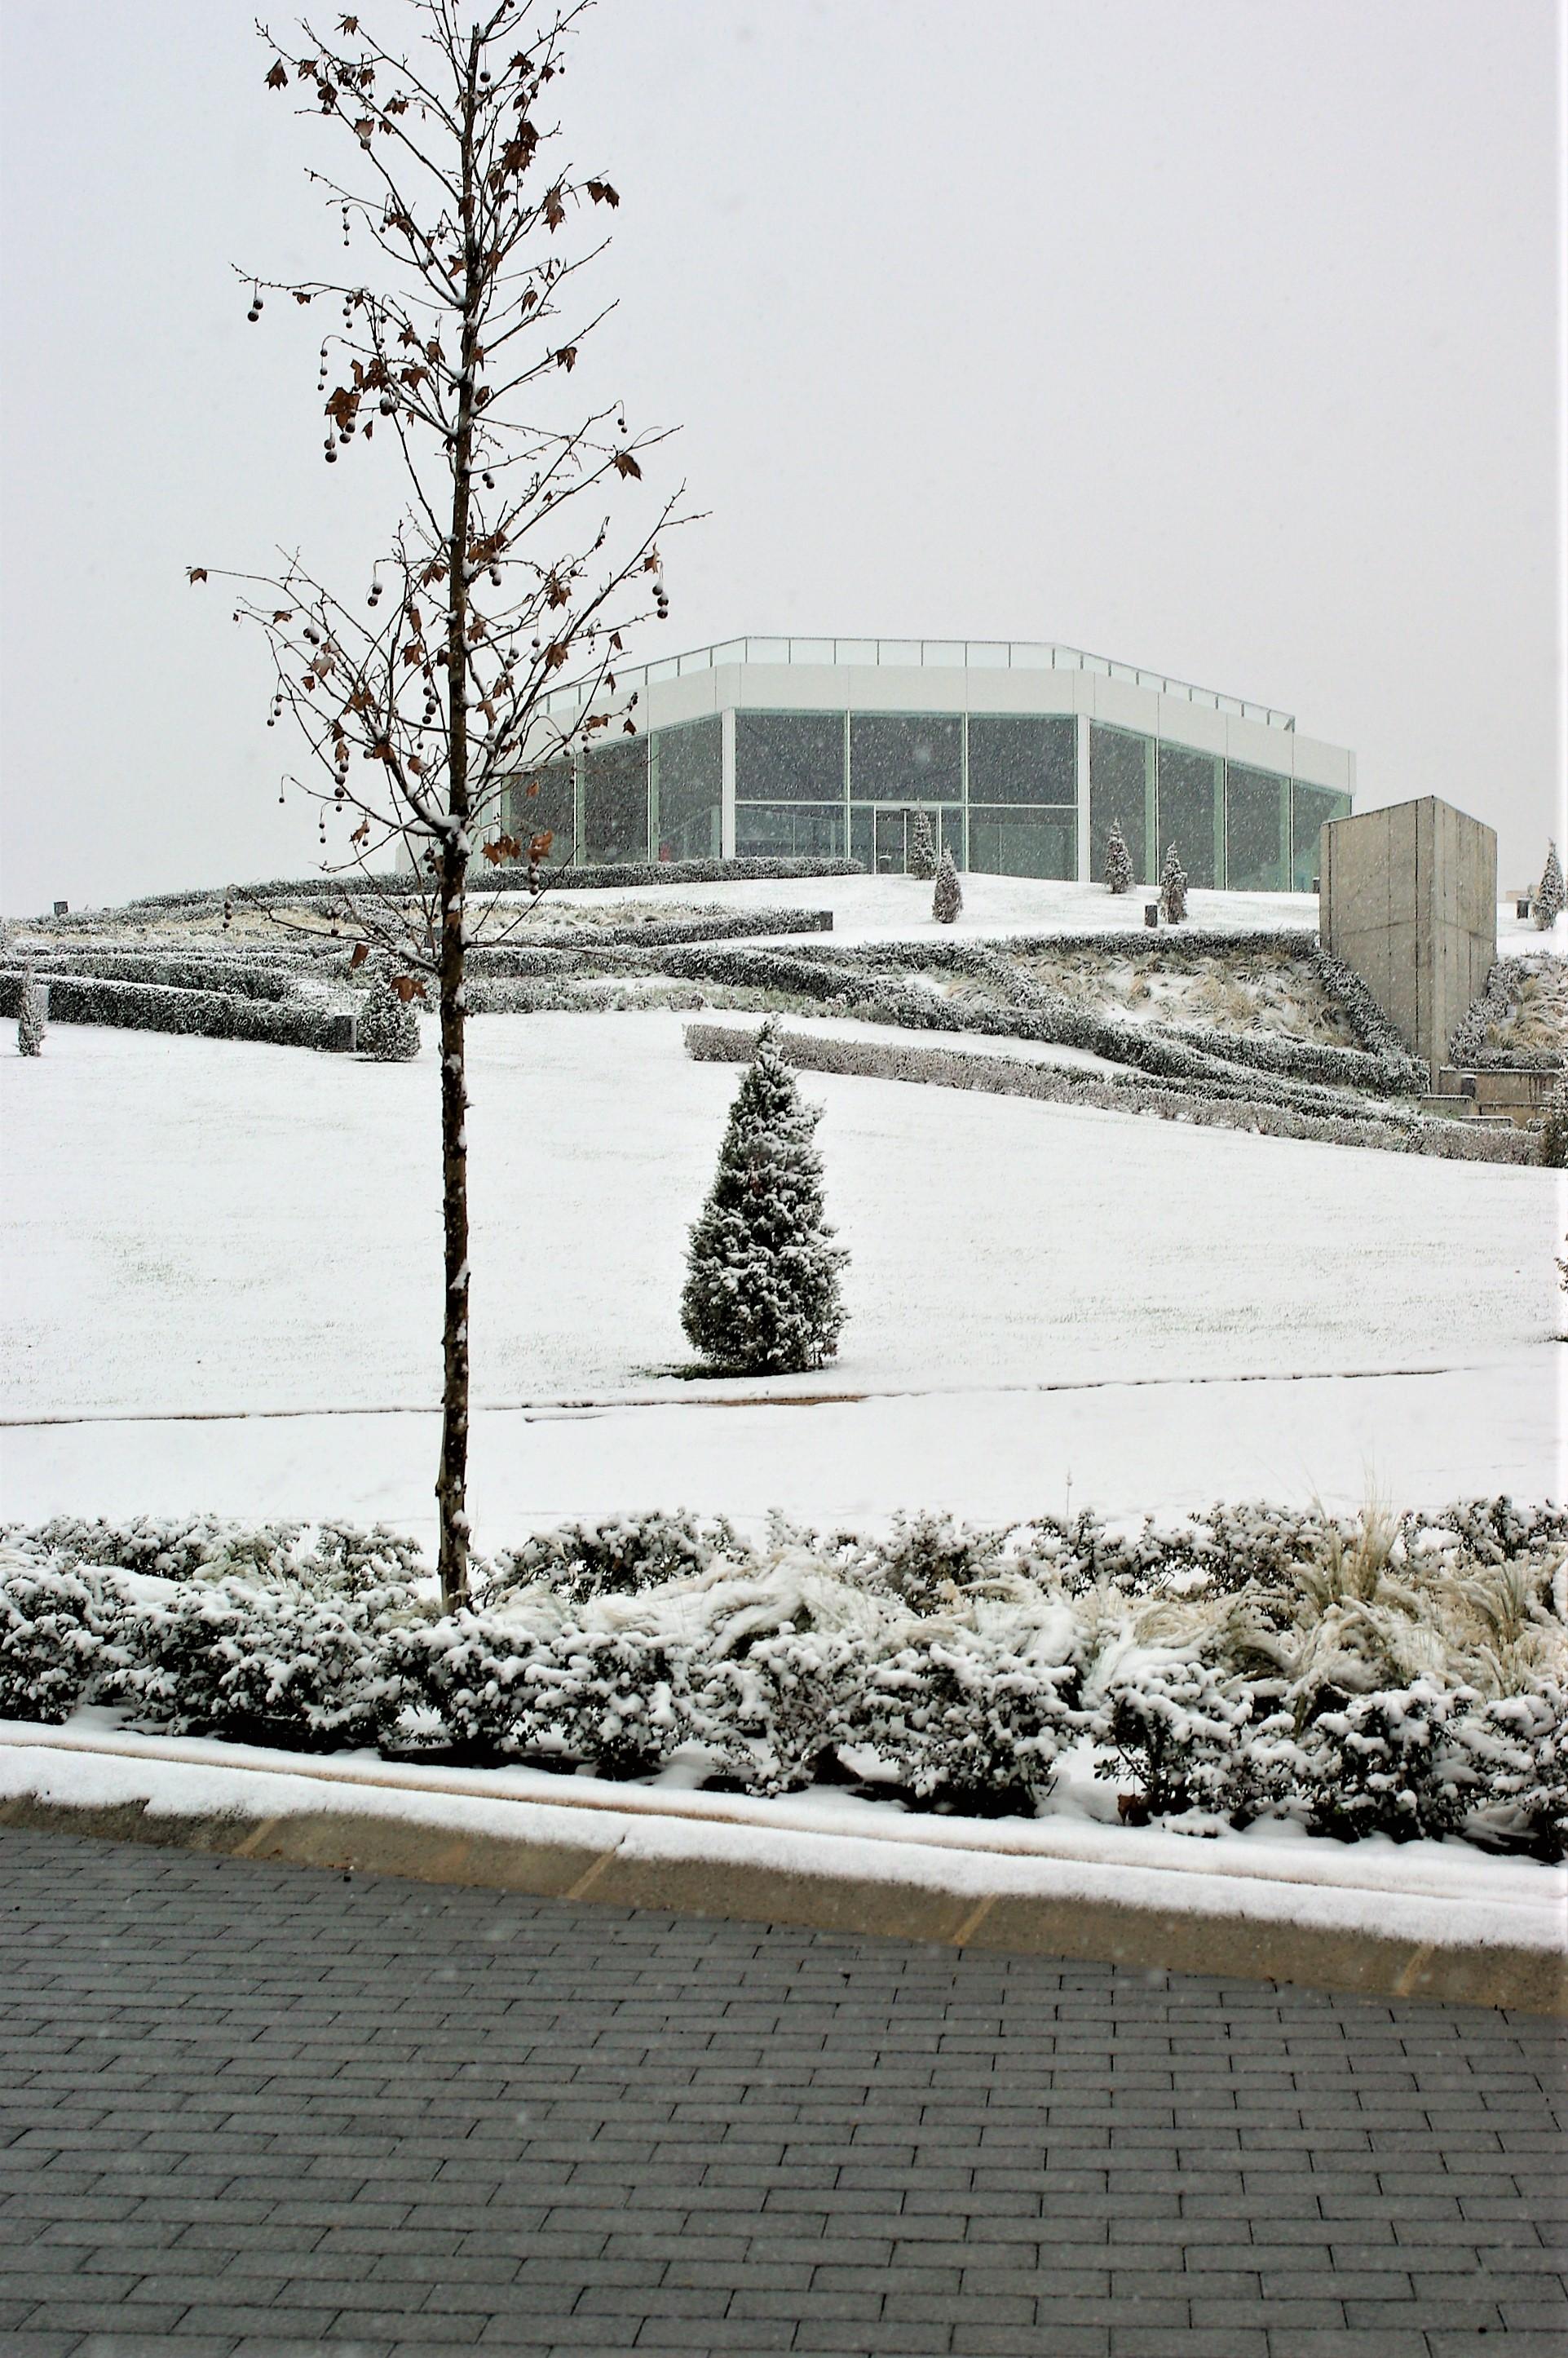 El parque Felipe VI, 9 de enero 2021, LIF 2002